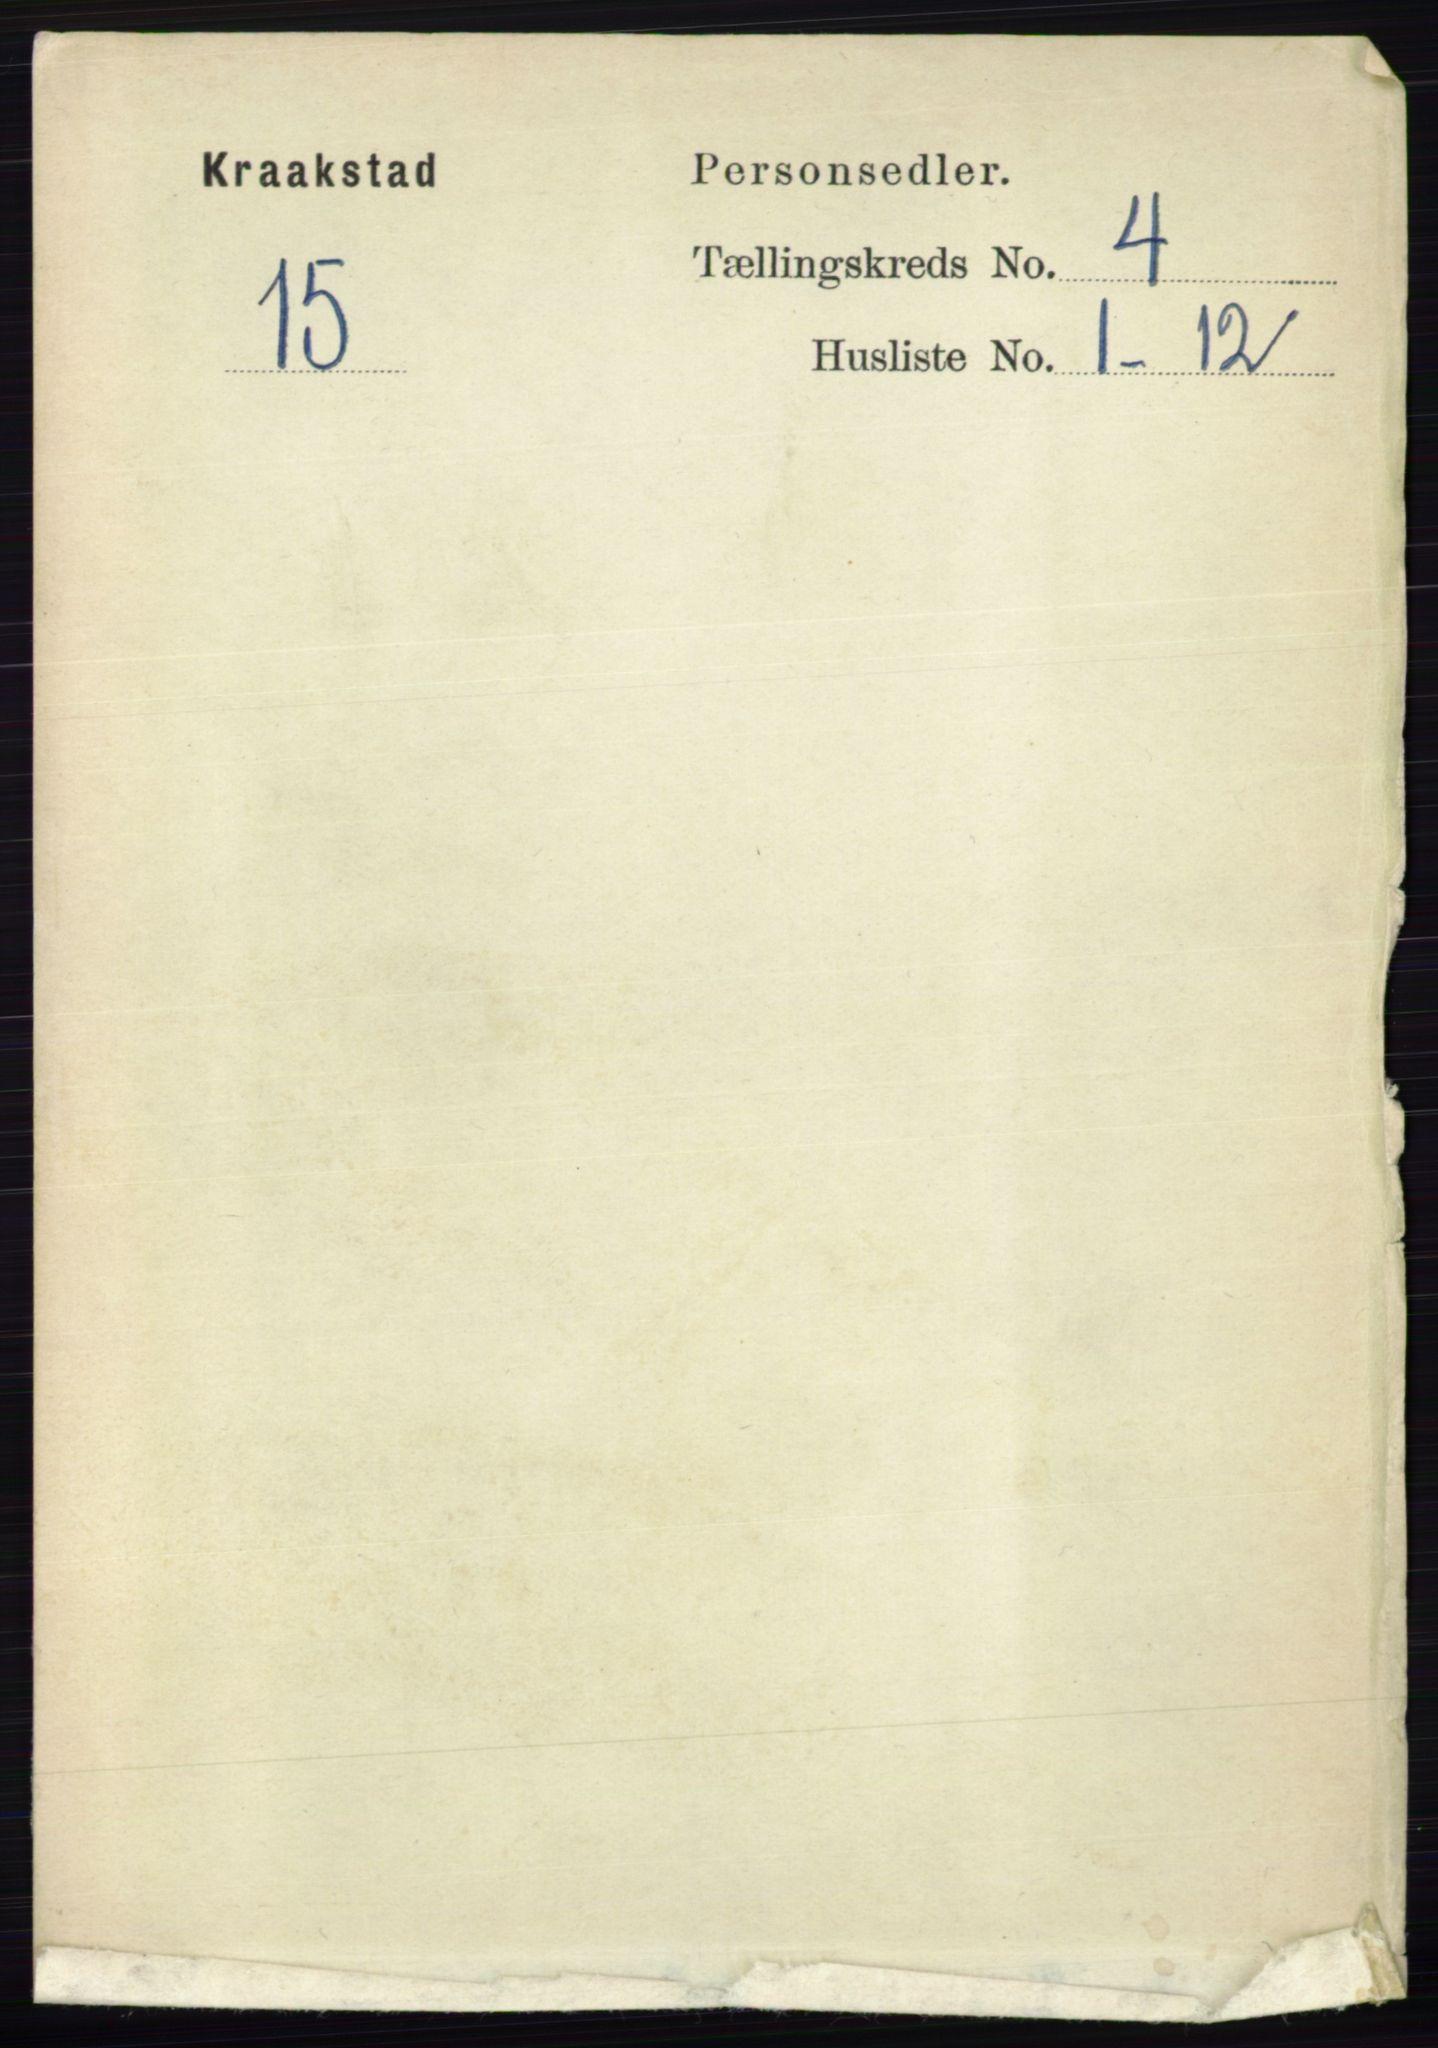 RA, Folketelling 1891 for 0212 Kråkstad herred, 1891, s. 1719